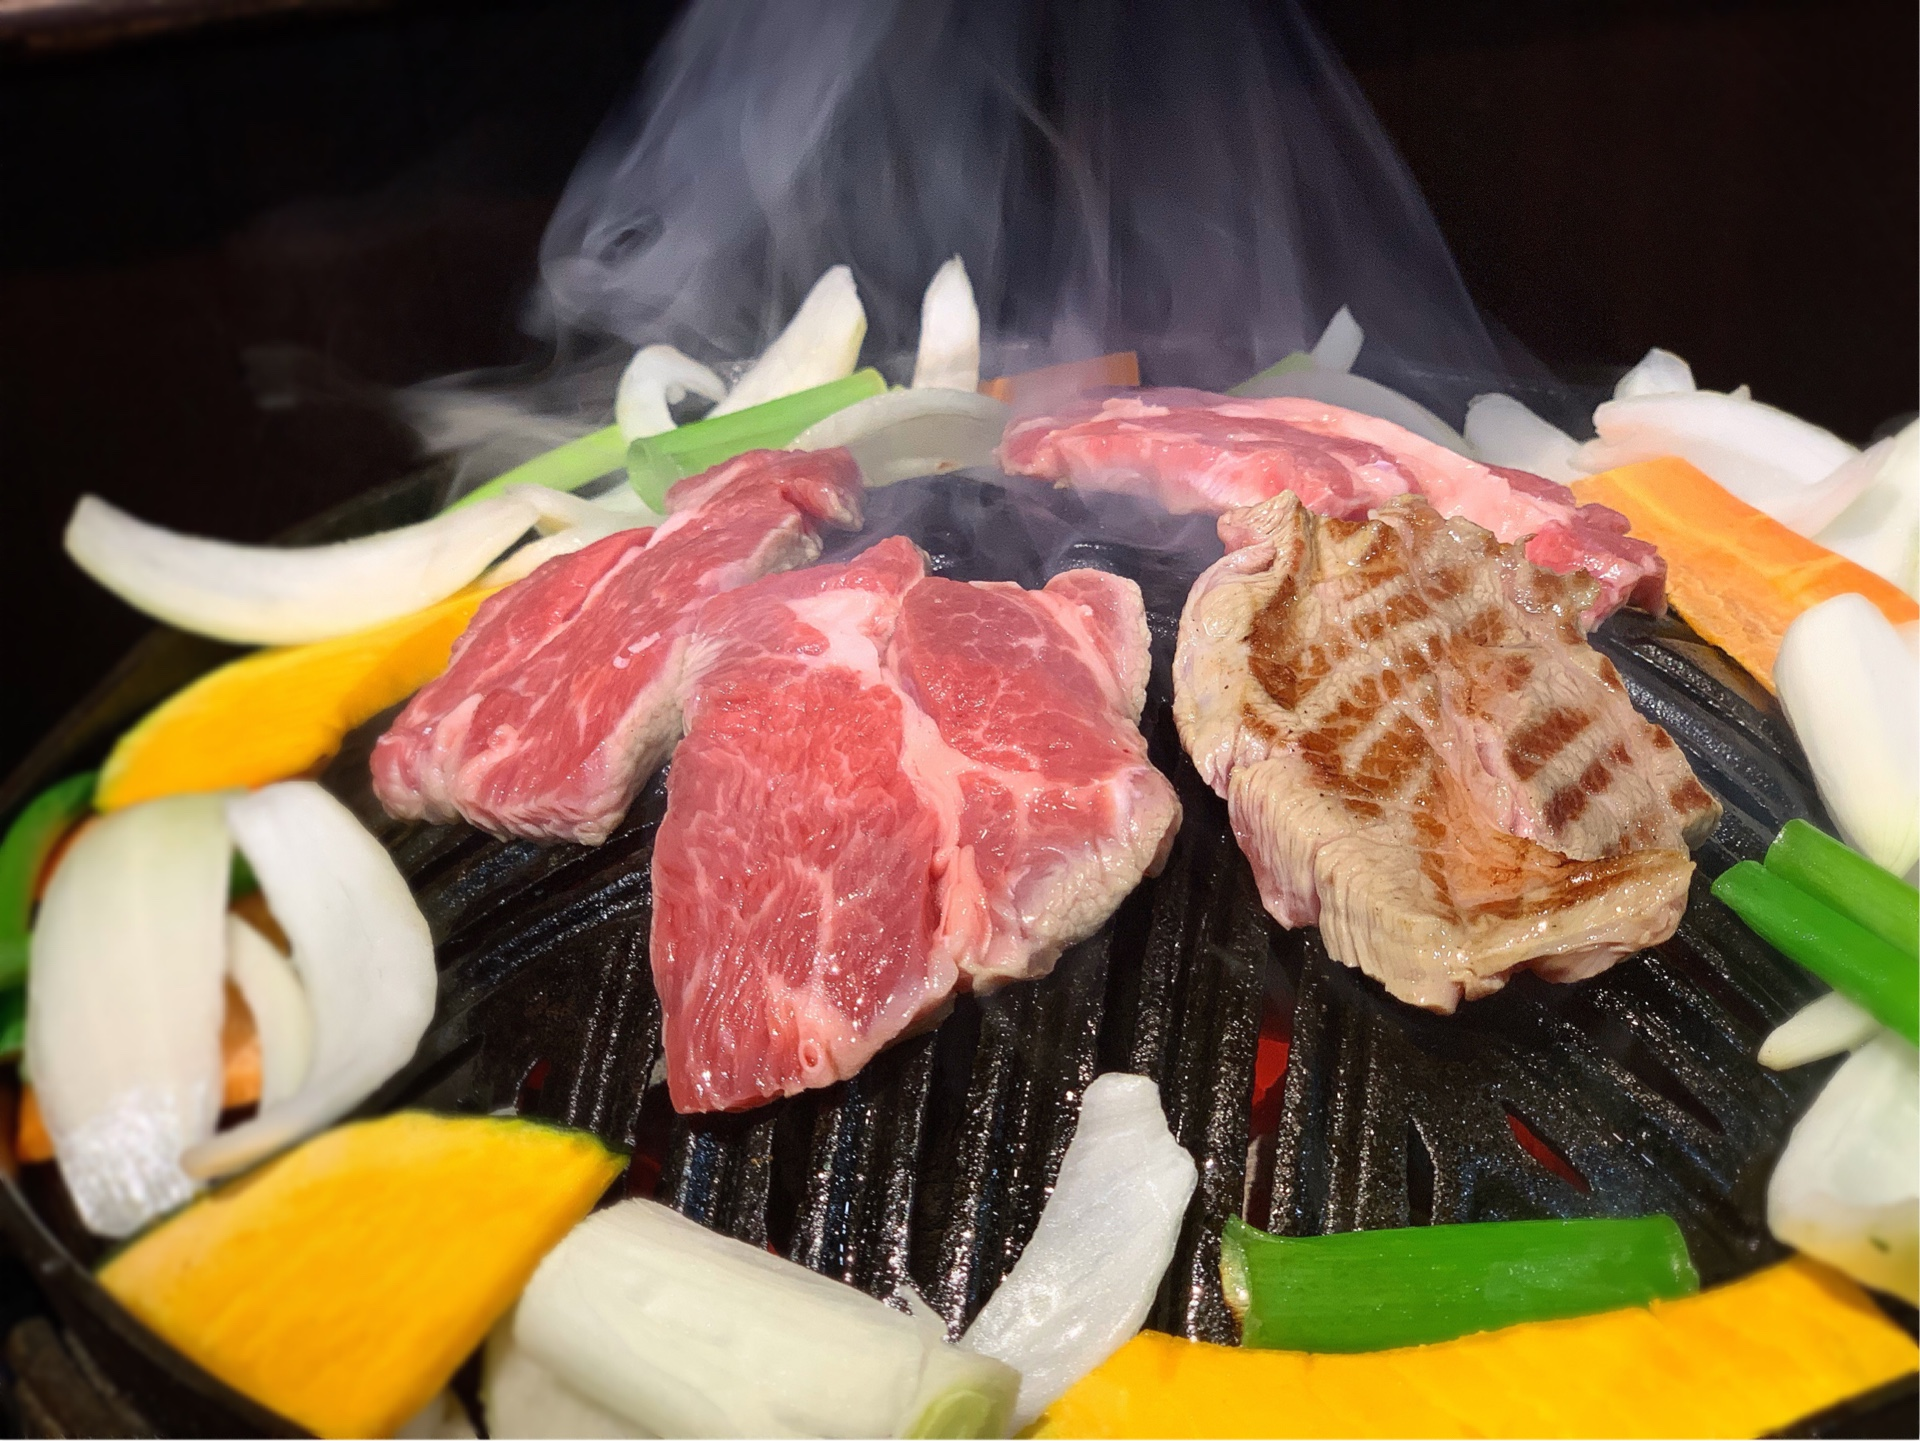 旭川の大黒屋は大人気ジンギスカン店!おすすめメニューの生ラムを味わおう!